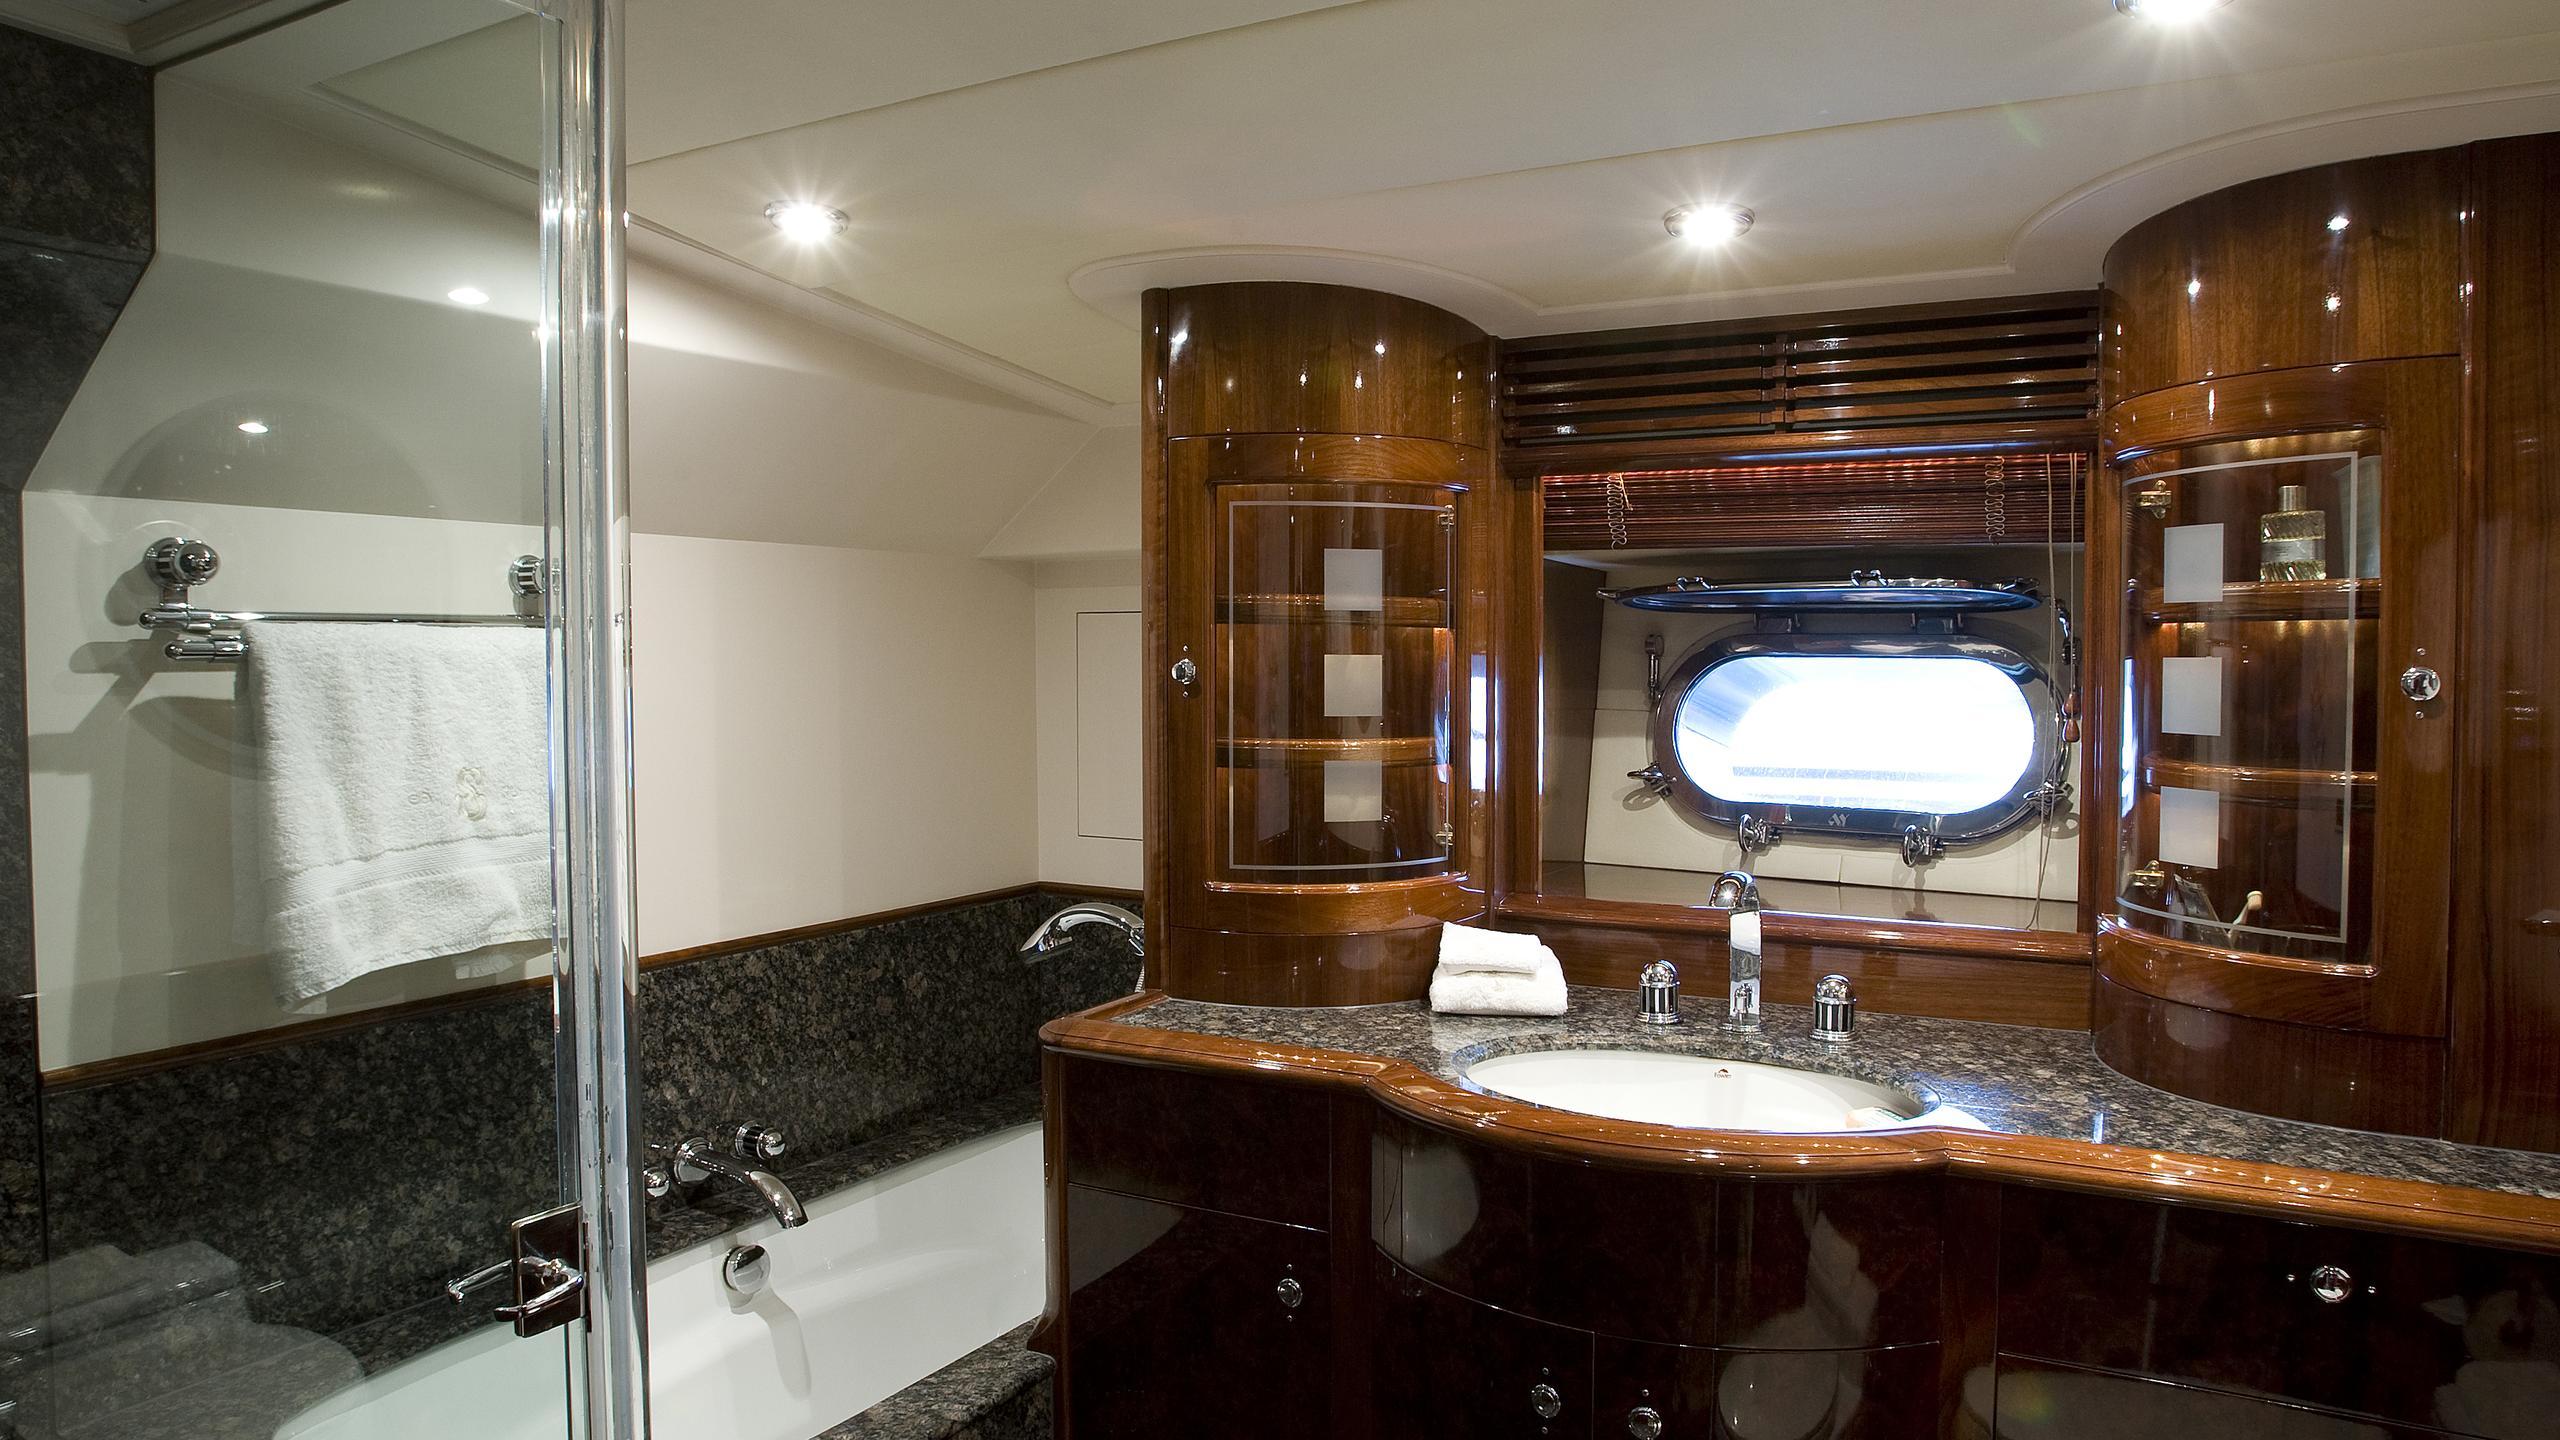 soverign-yacht-bathroom